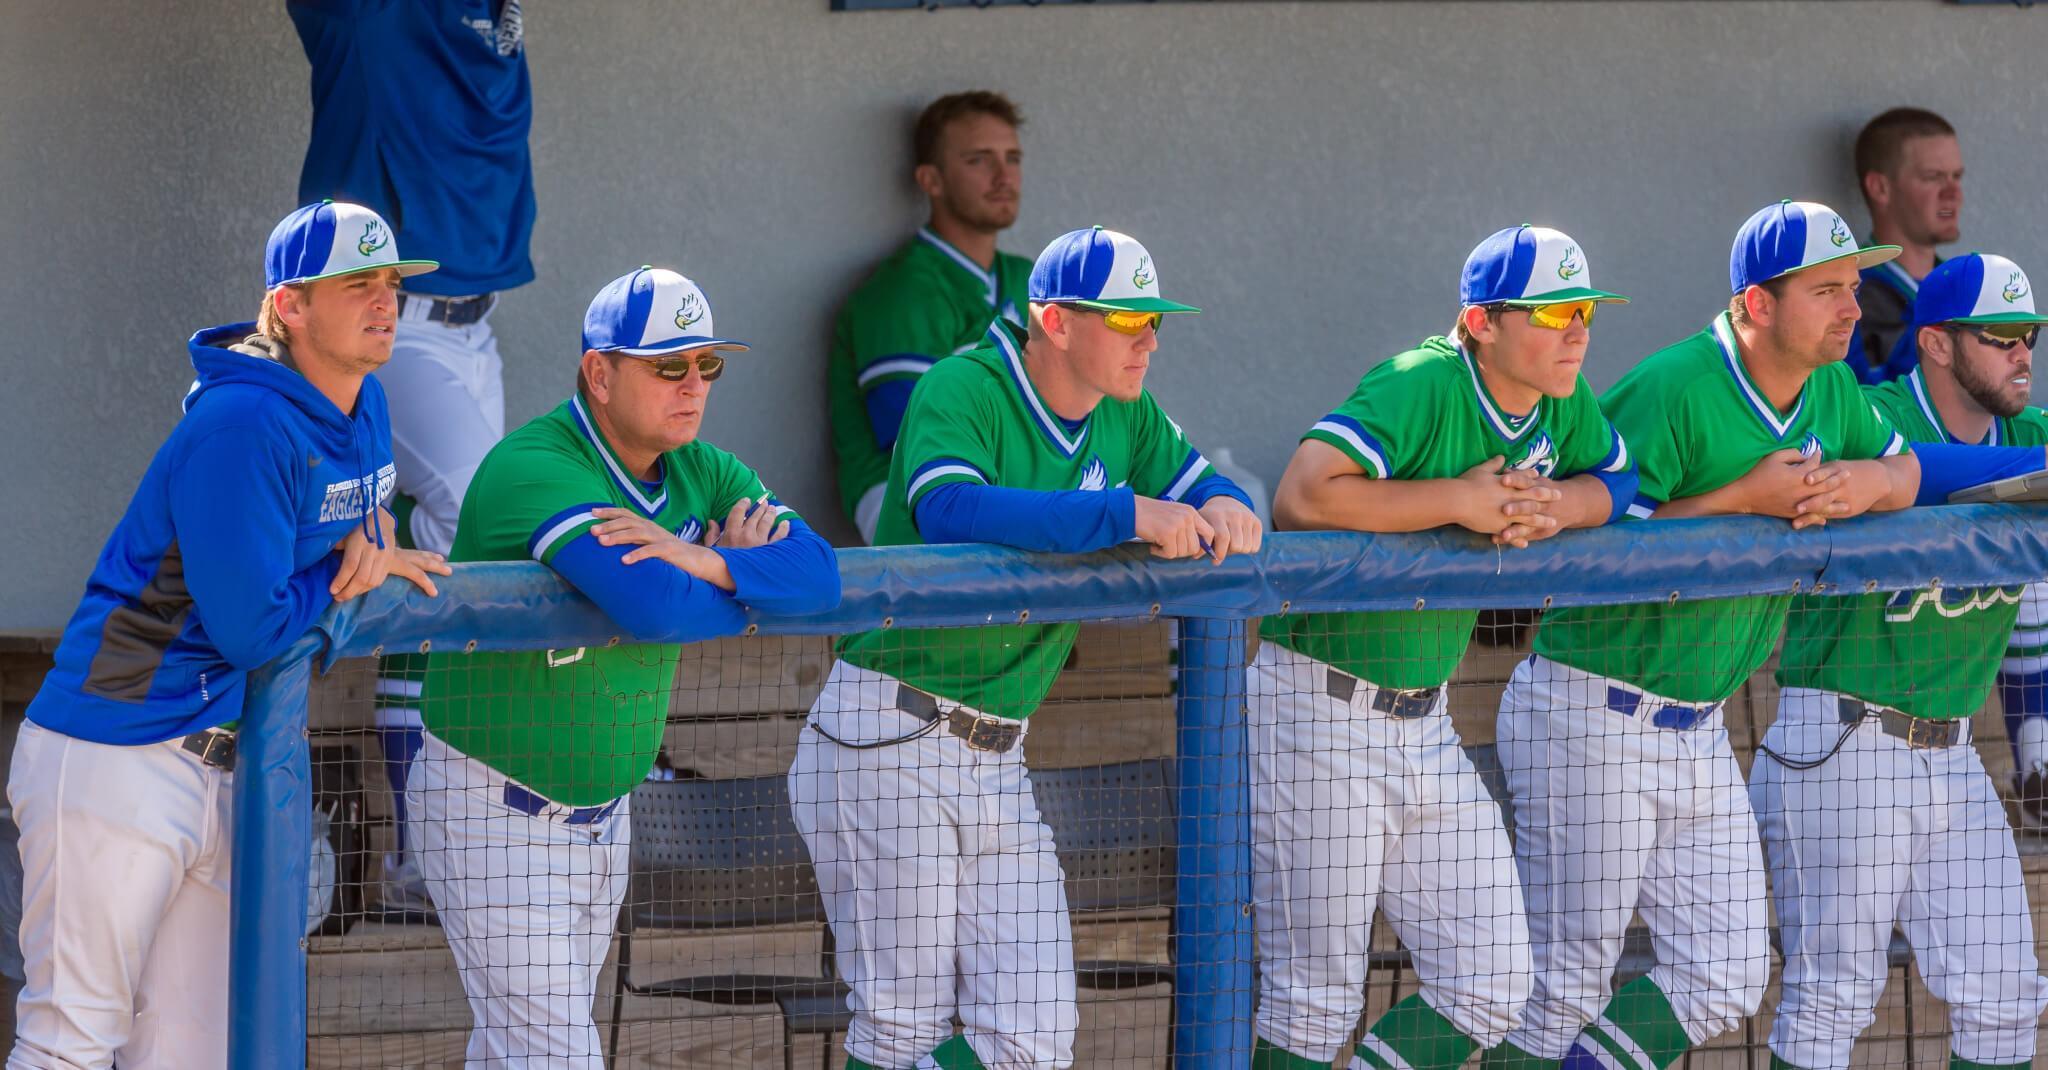 FGCU baseball to host 'Big Four' matchups for 2017 season